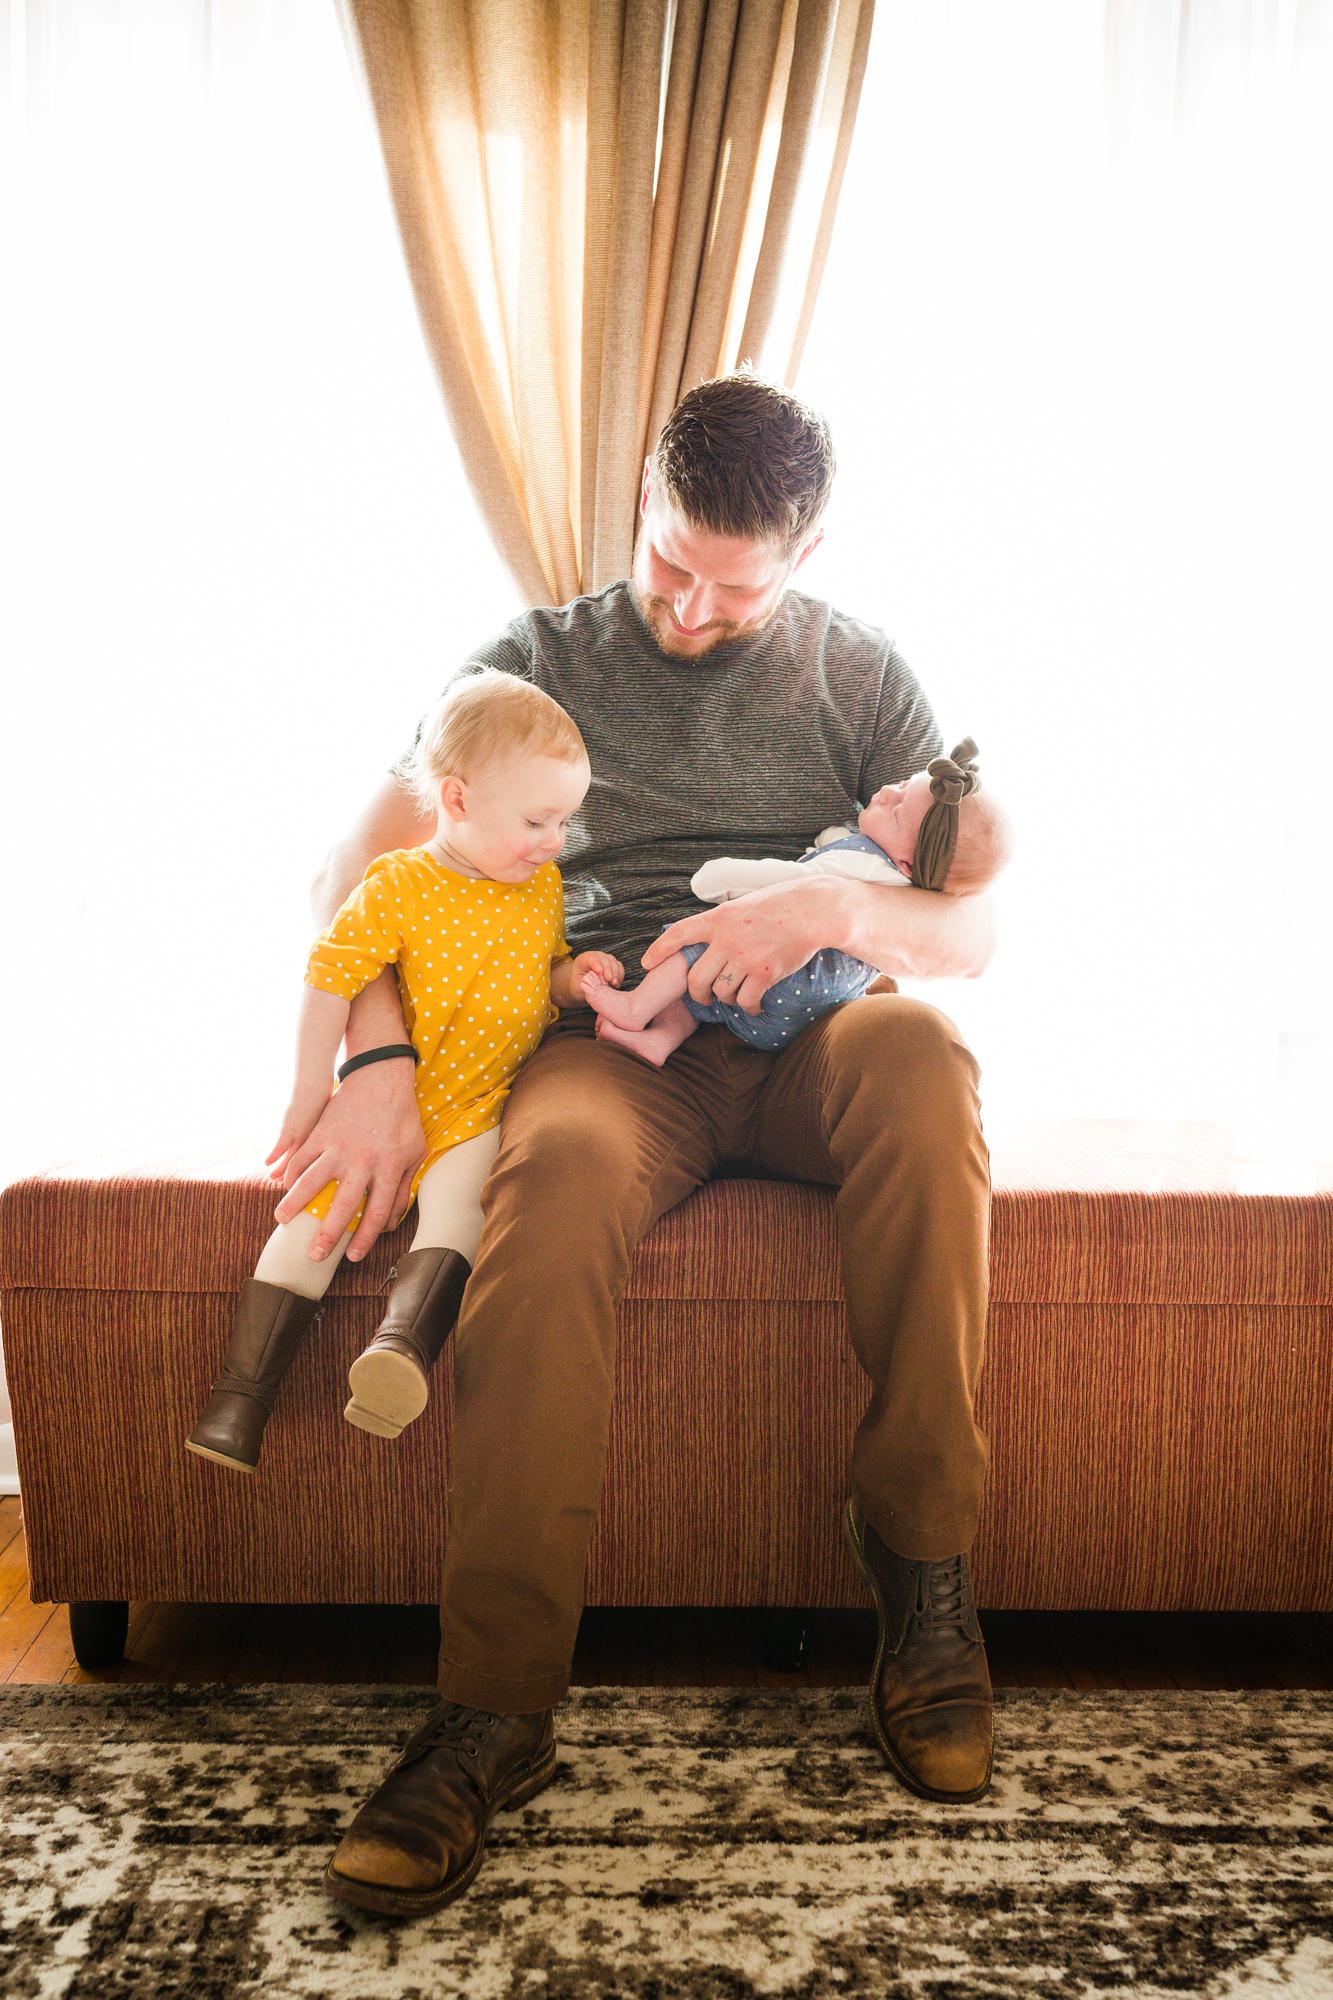 PHILADELPHIA IN HOME FAMILY PHOTOGRAPHY-010.jpg